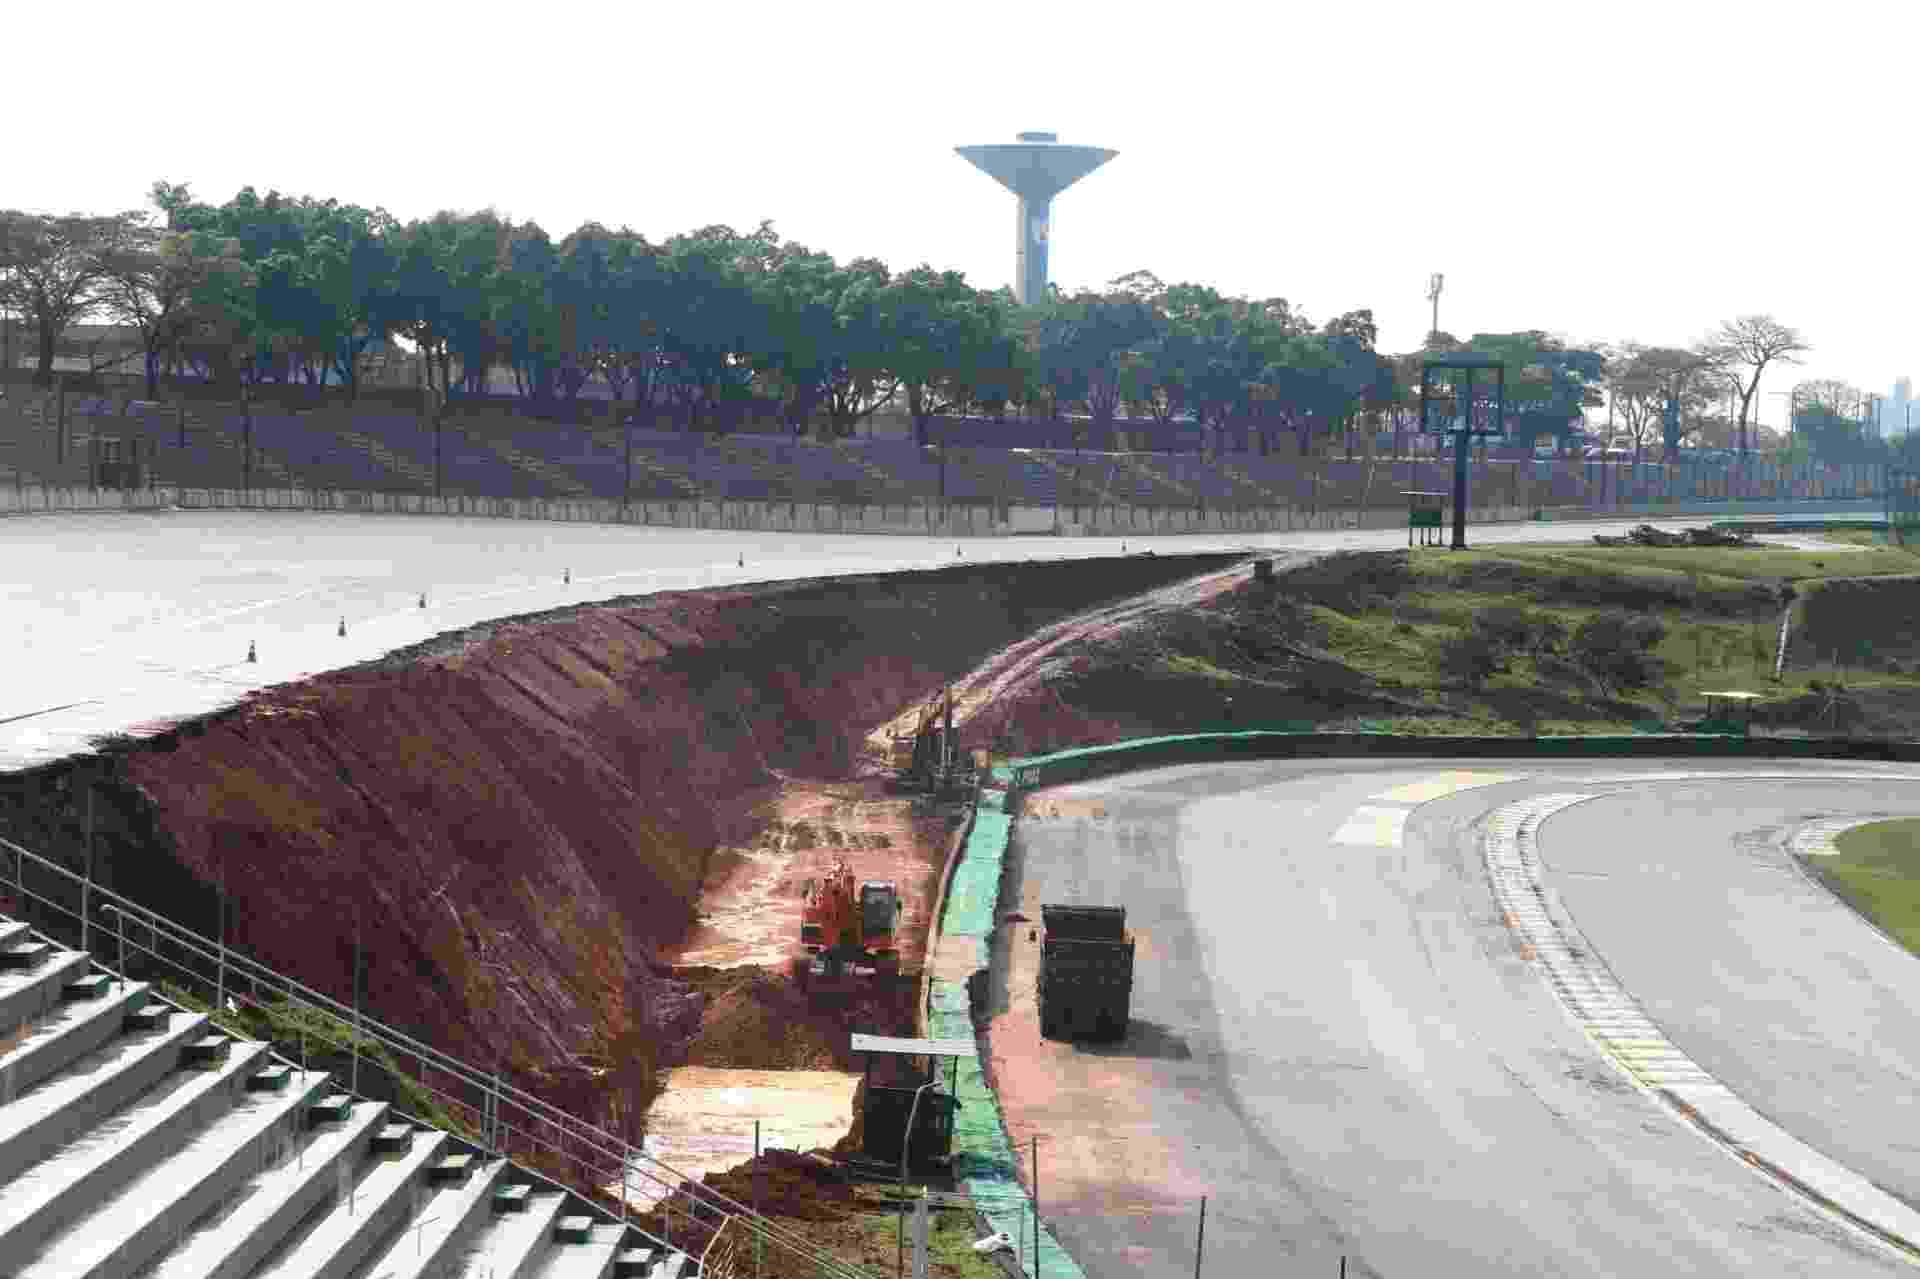 f6da96f132 Fotos  Veja as alterações no autódromo de Interlagos - 16 10 2014 ...